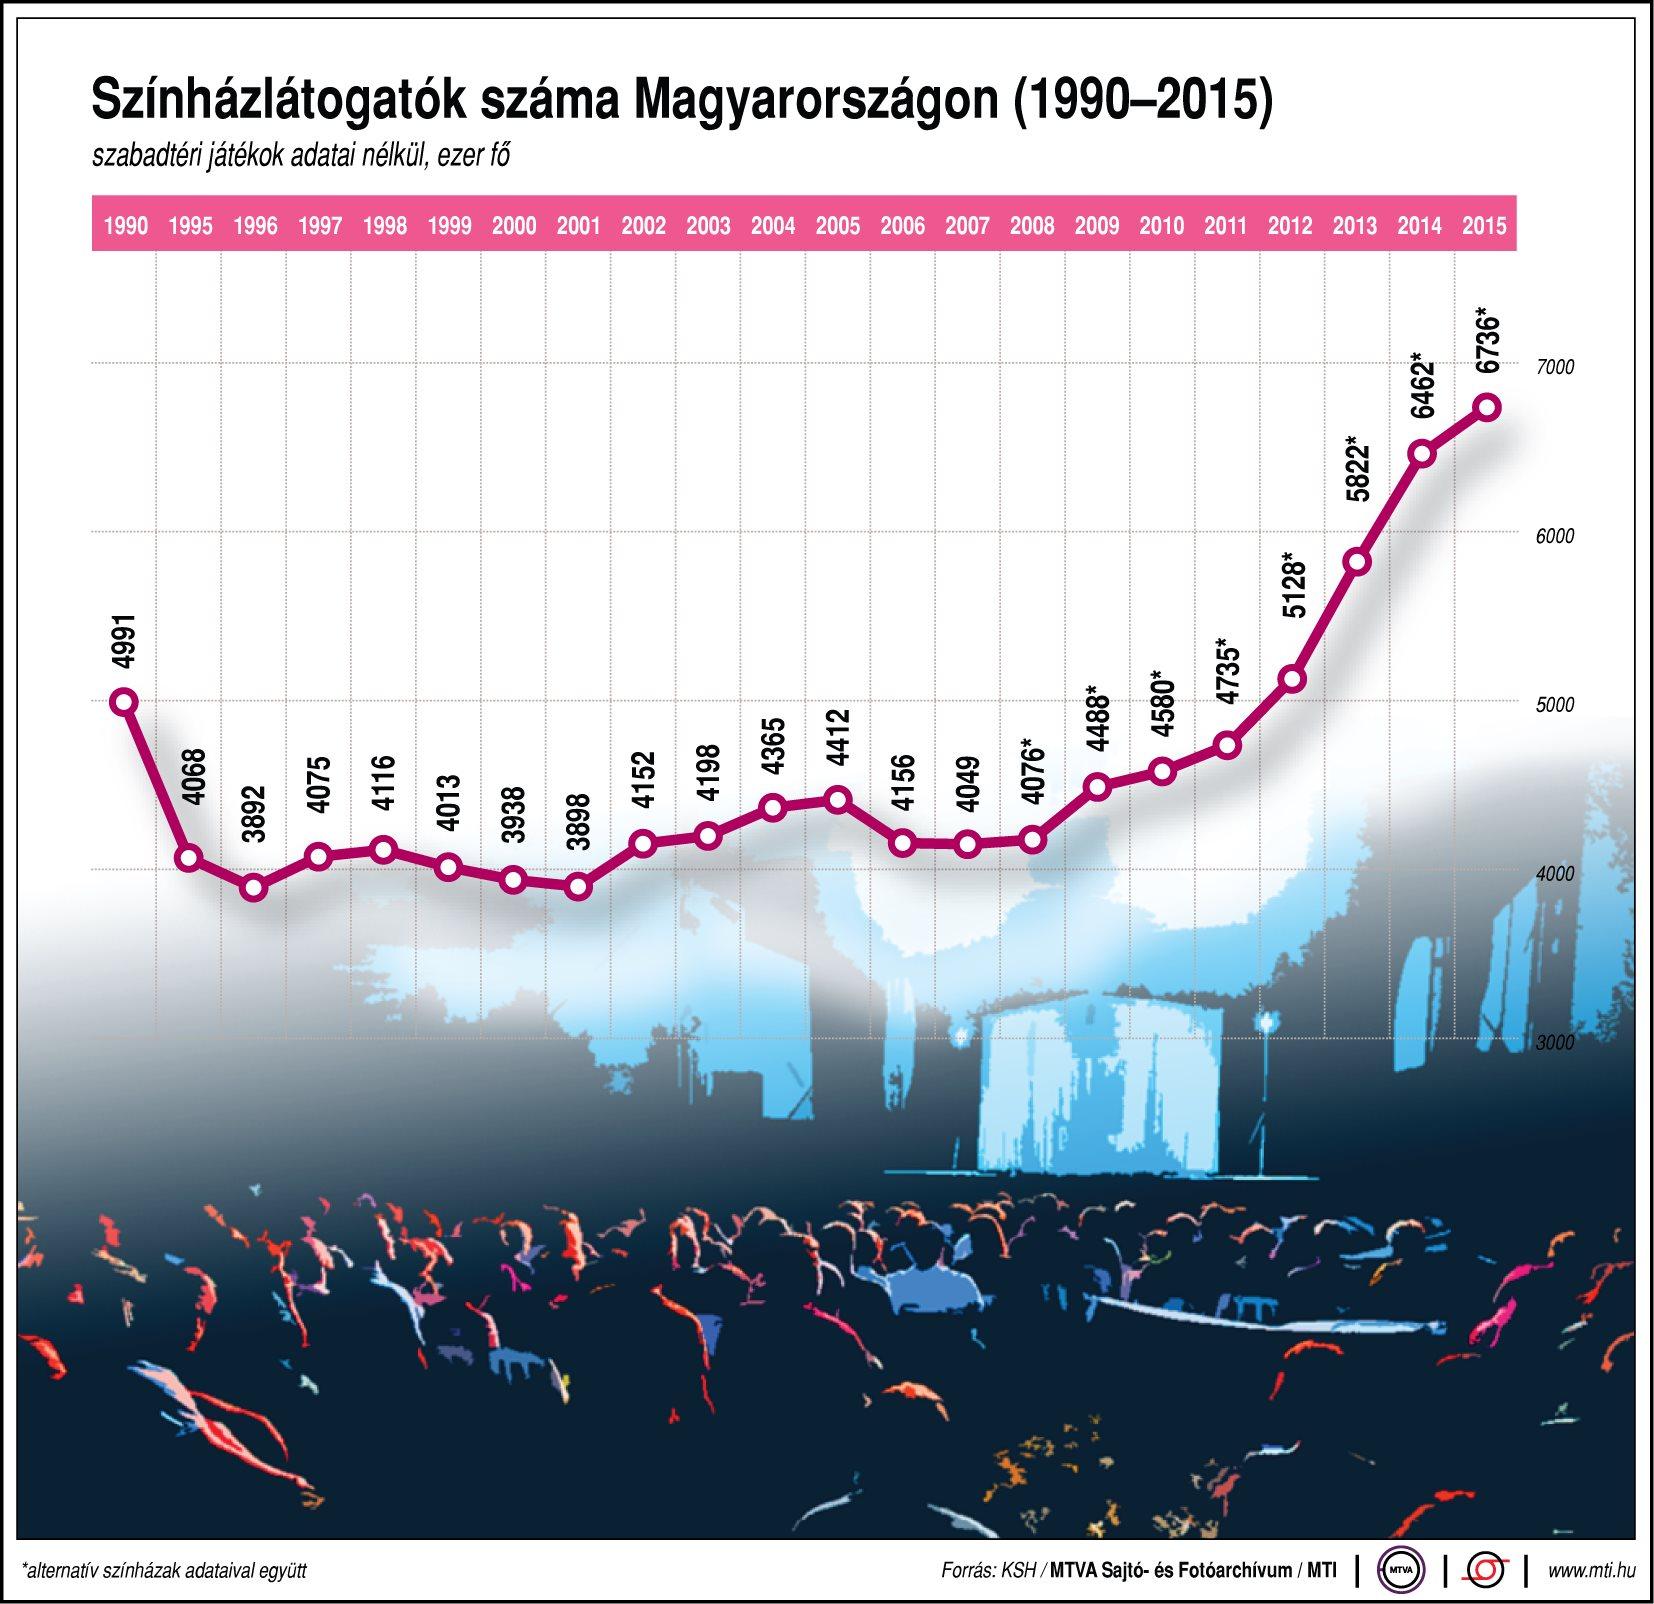 Színházba látogatók száma Magyarországon, 1990-2015; ezer fő